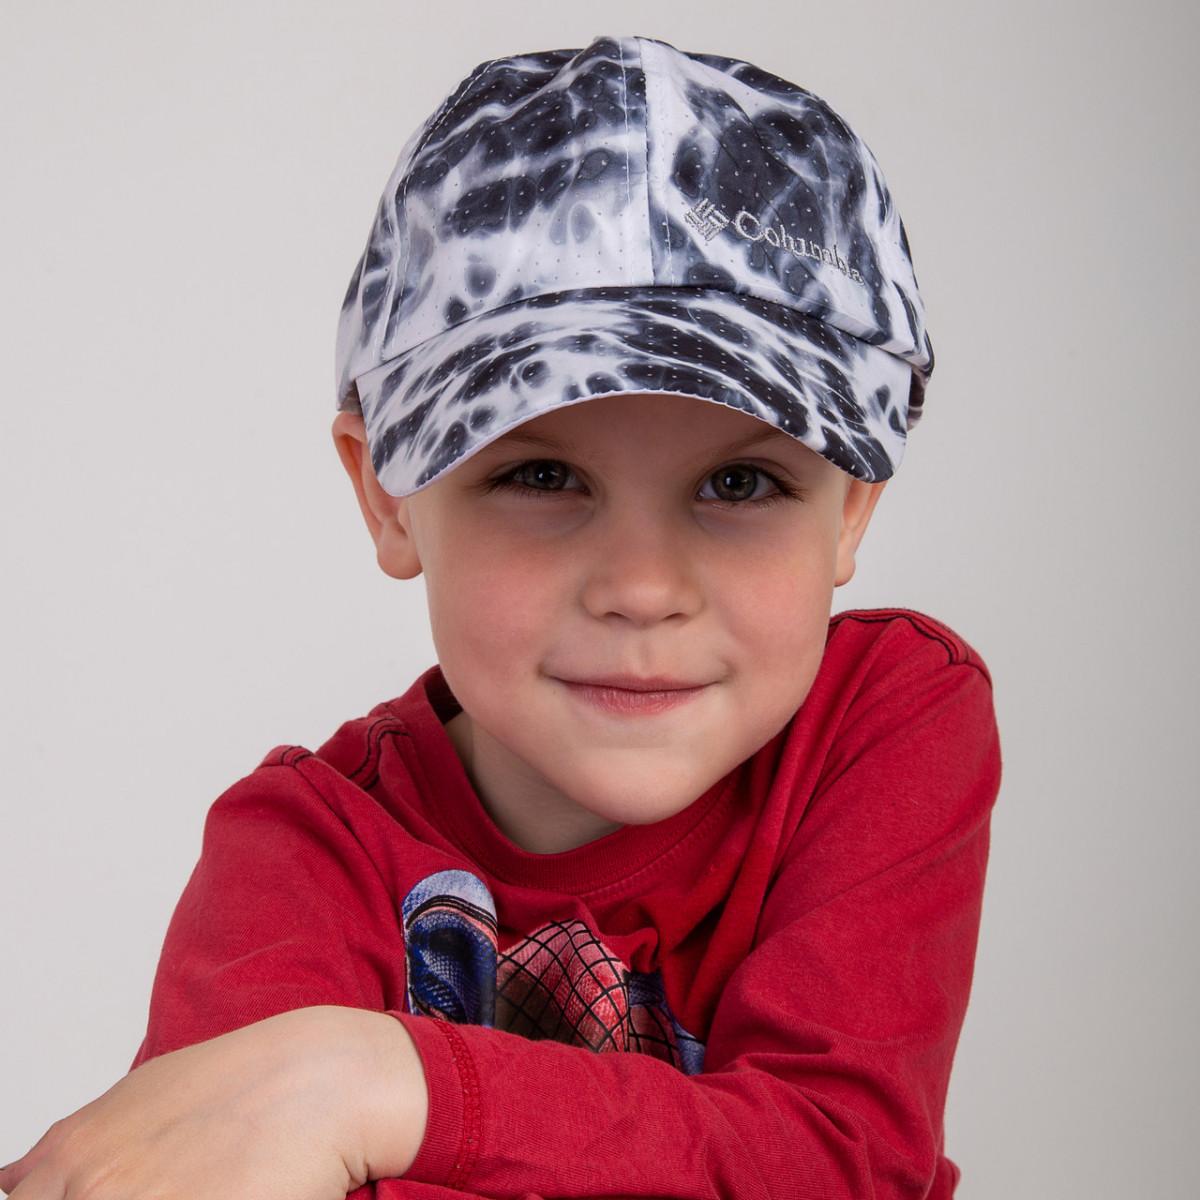 Летняя кепка для мальчика оптом - Columbia(к9)